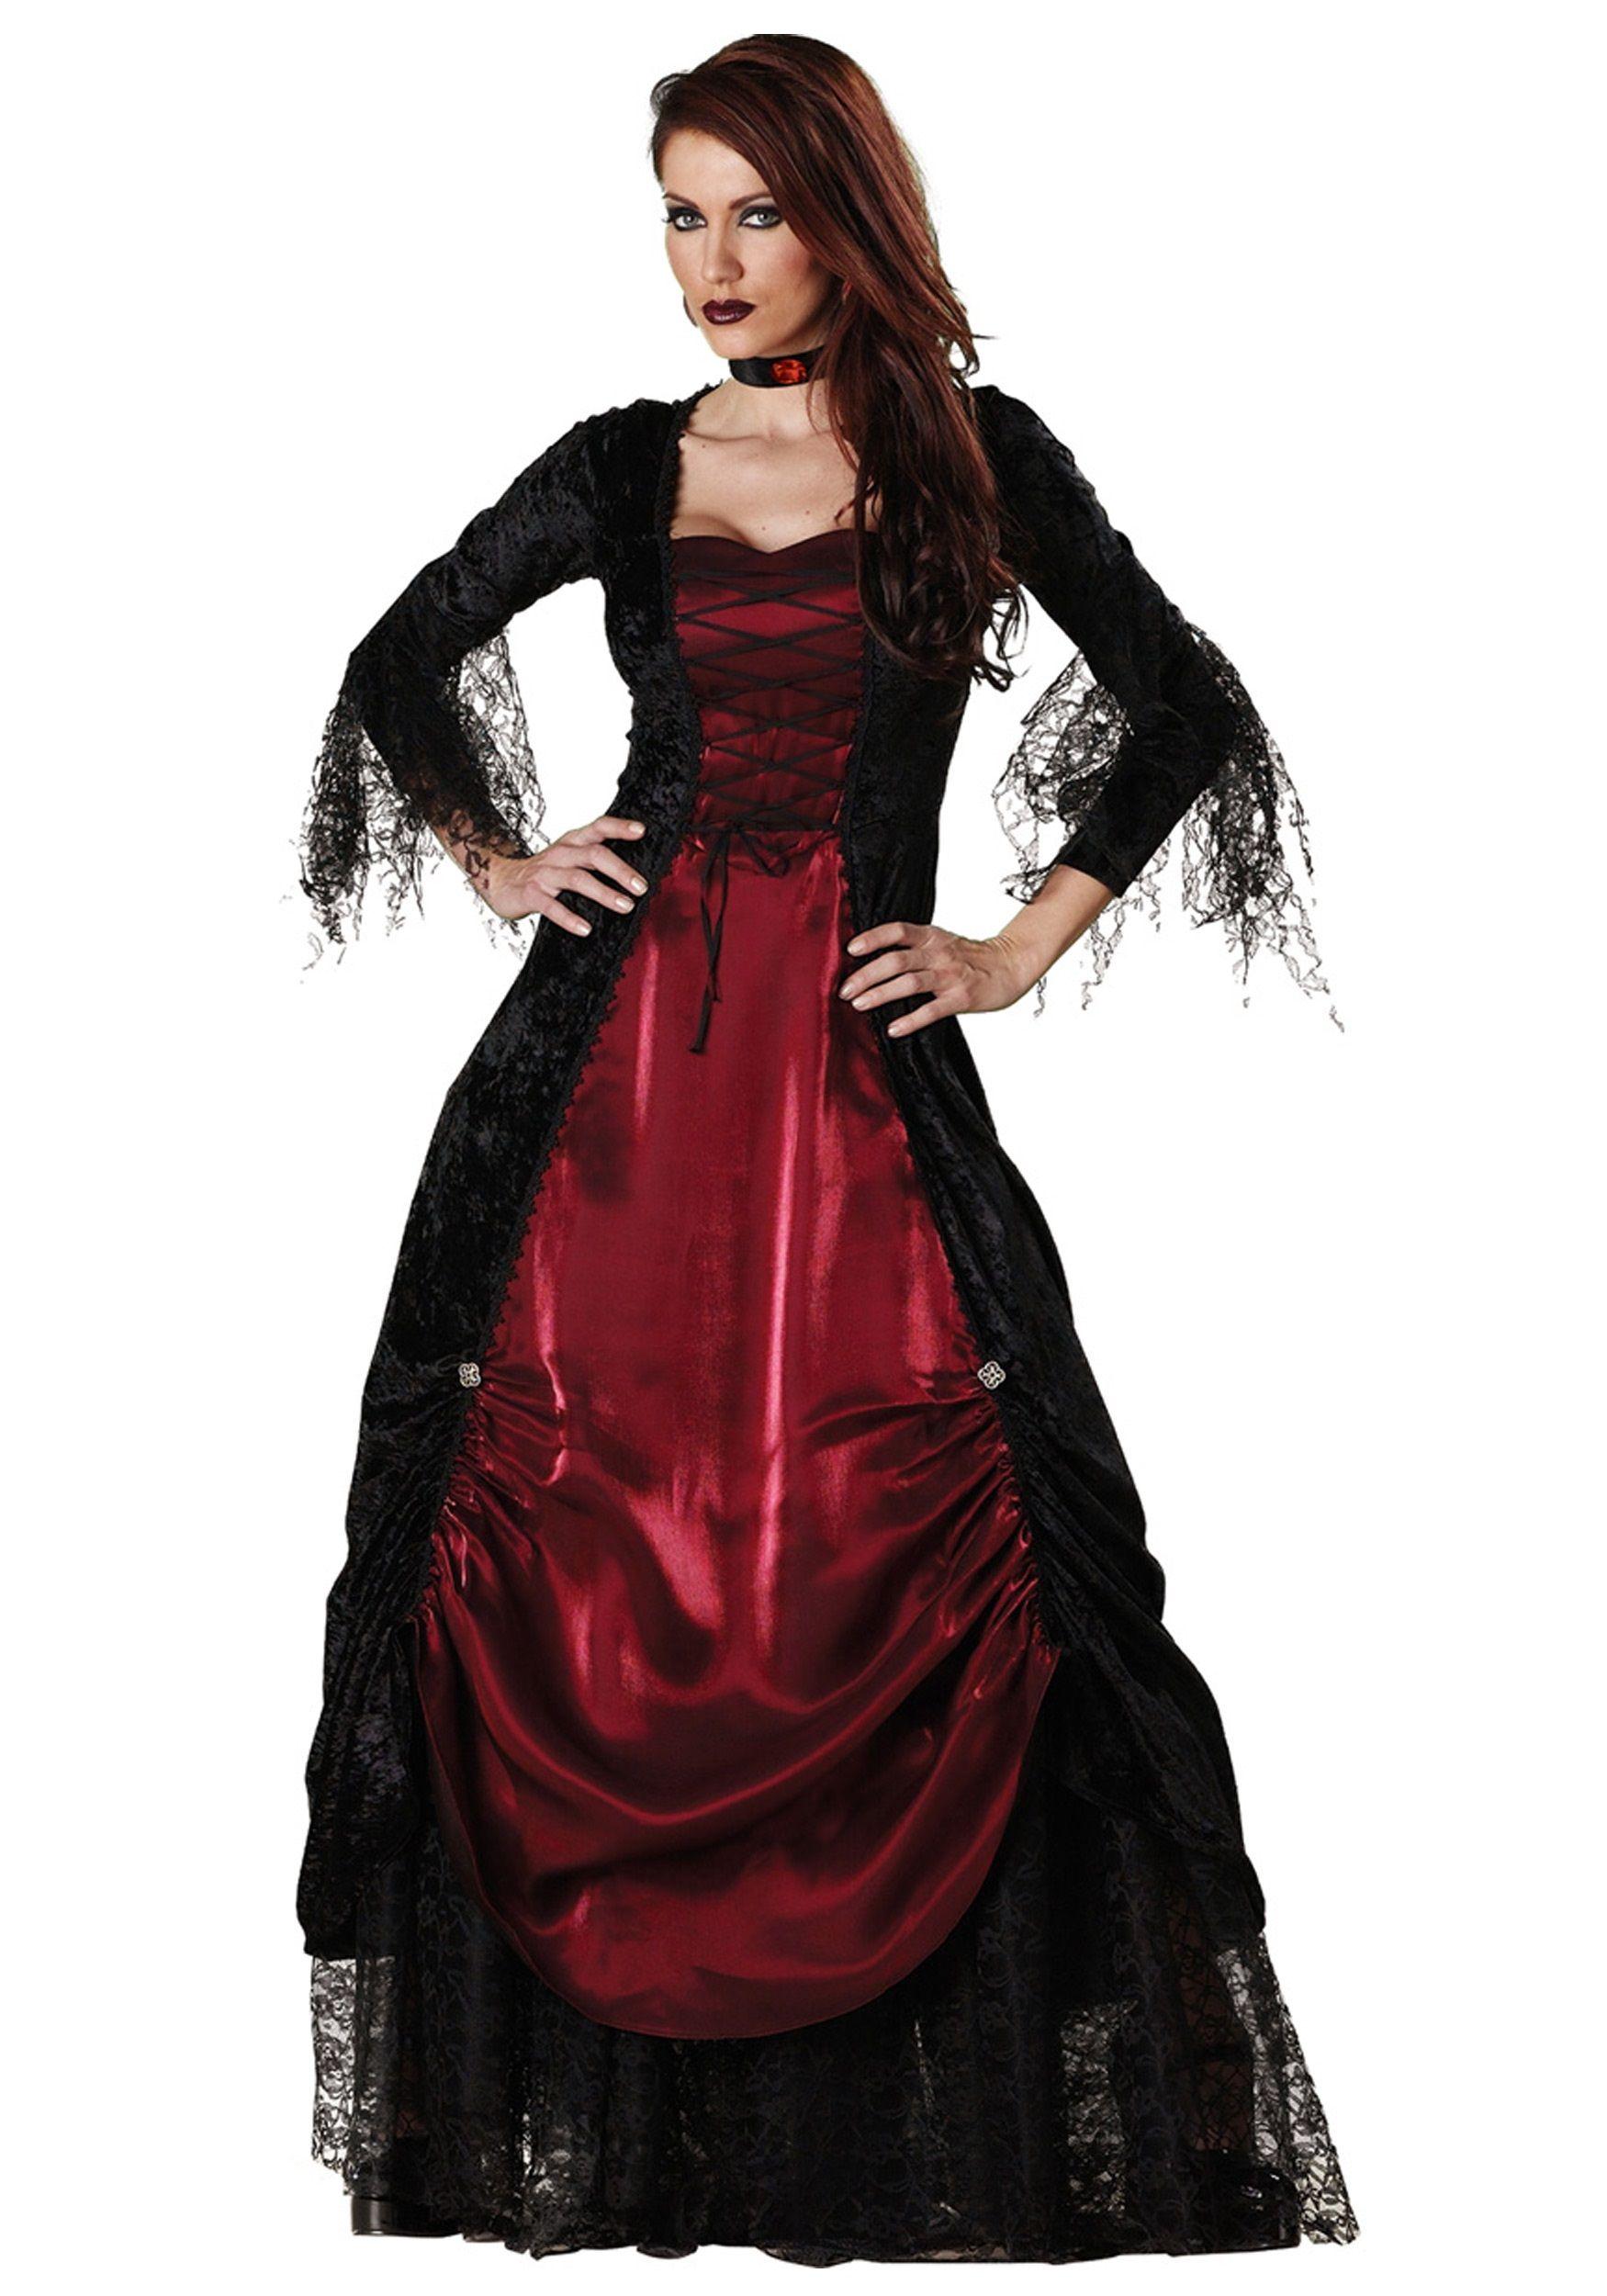 Deluxe Vampira Costume | Costumes, Vampire costumes and Halloween ...